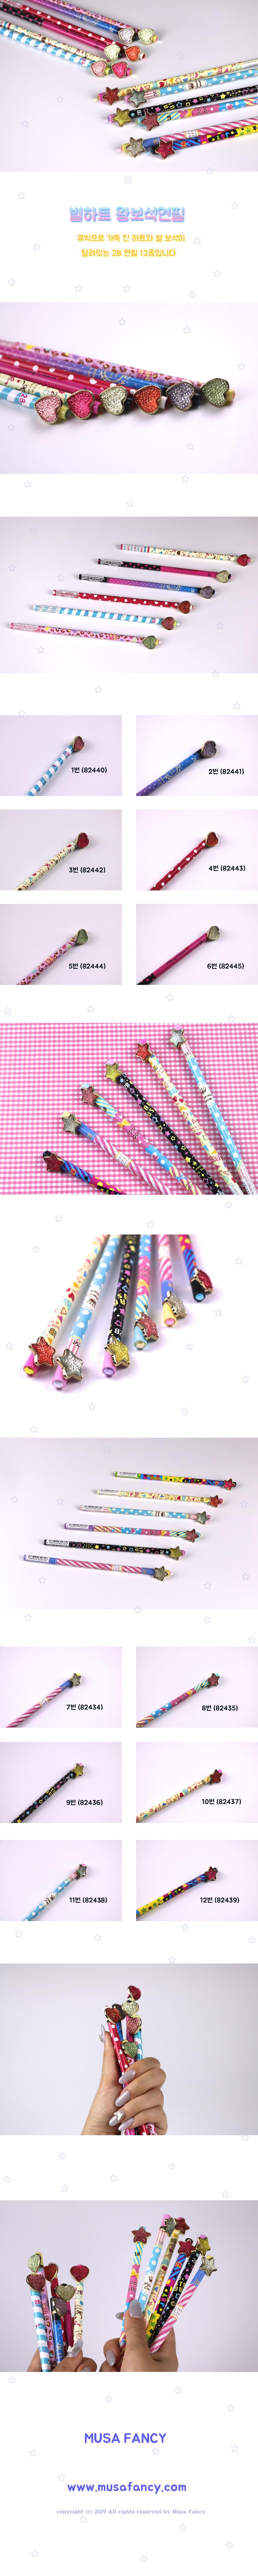 별,하트왕보석 연필 - 마사팬시, 1,500원, 연필, 베이직연필